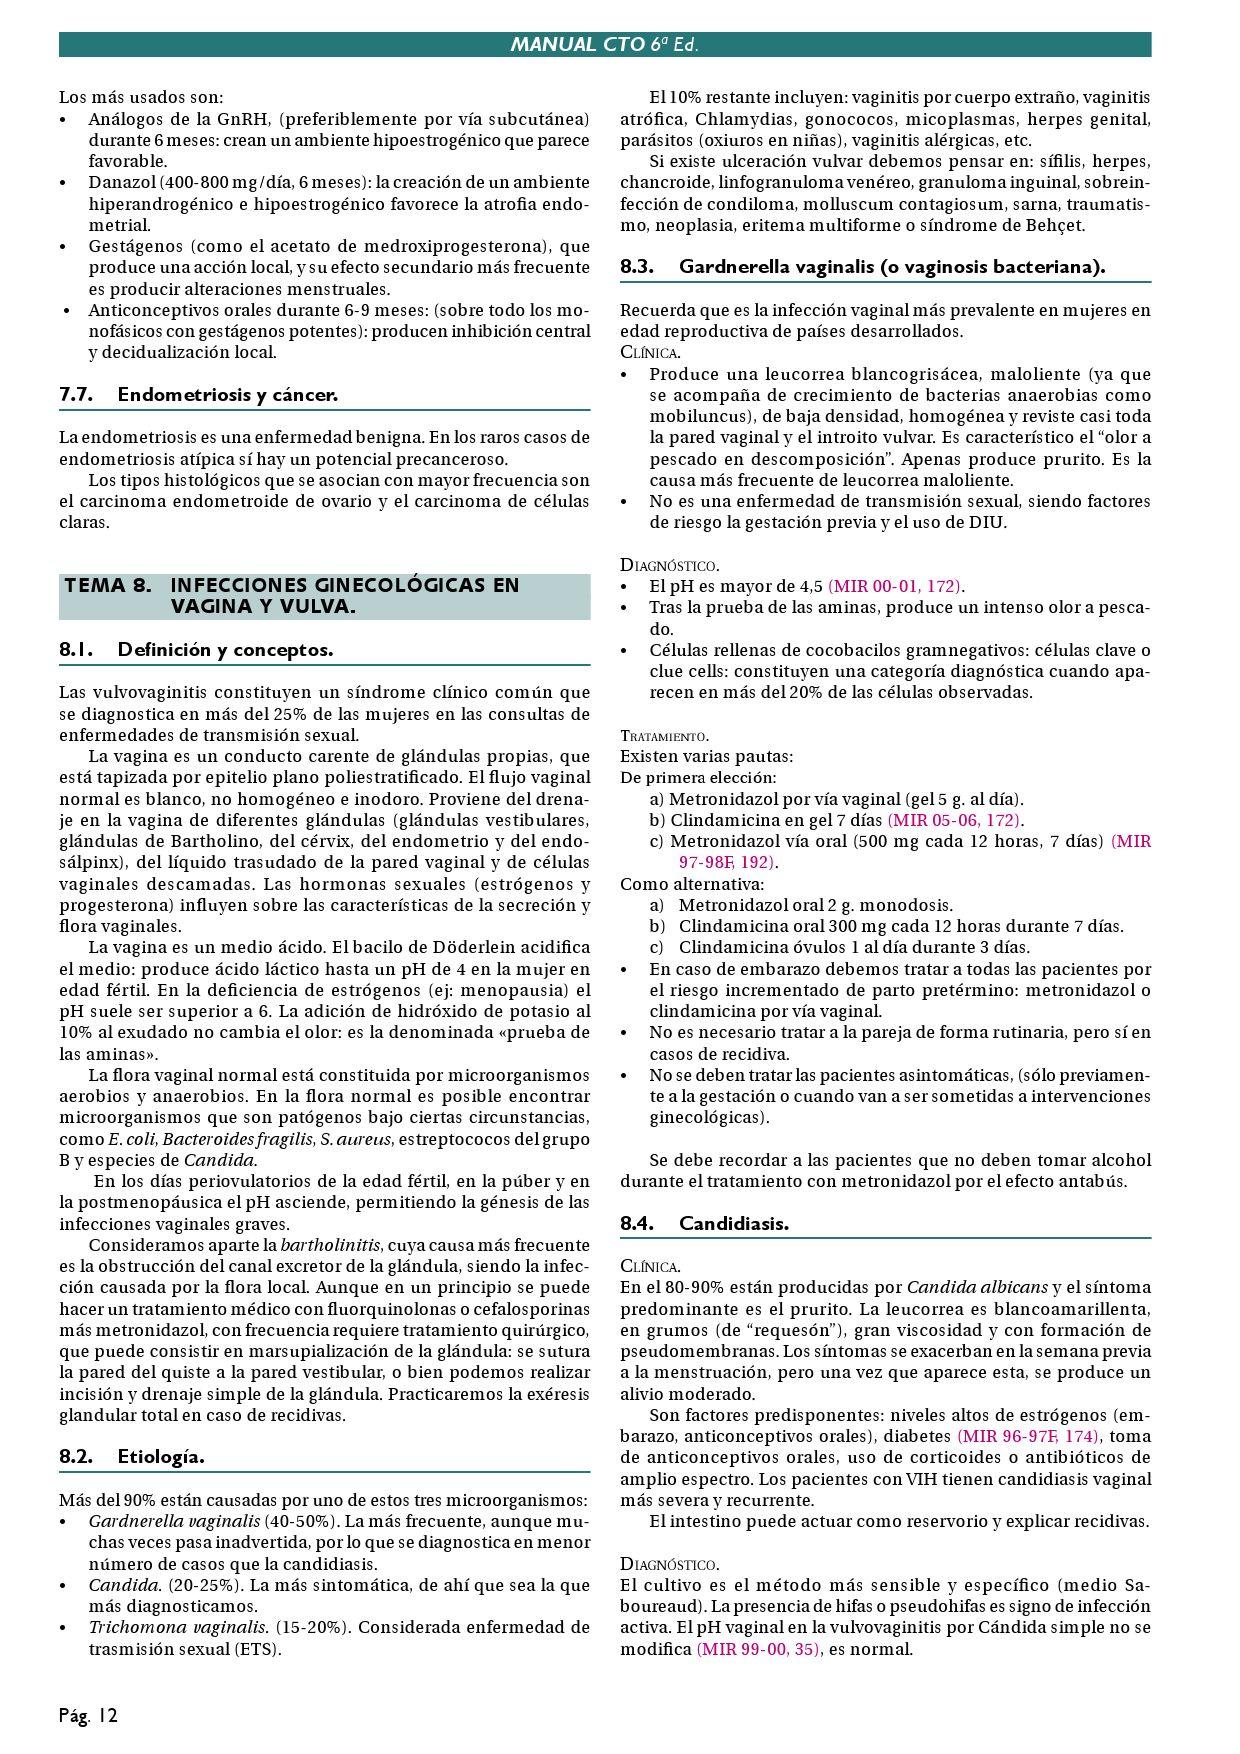 diagnóstico de diabetes por chancroides